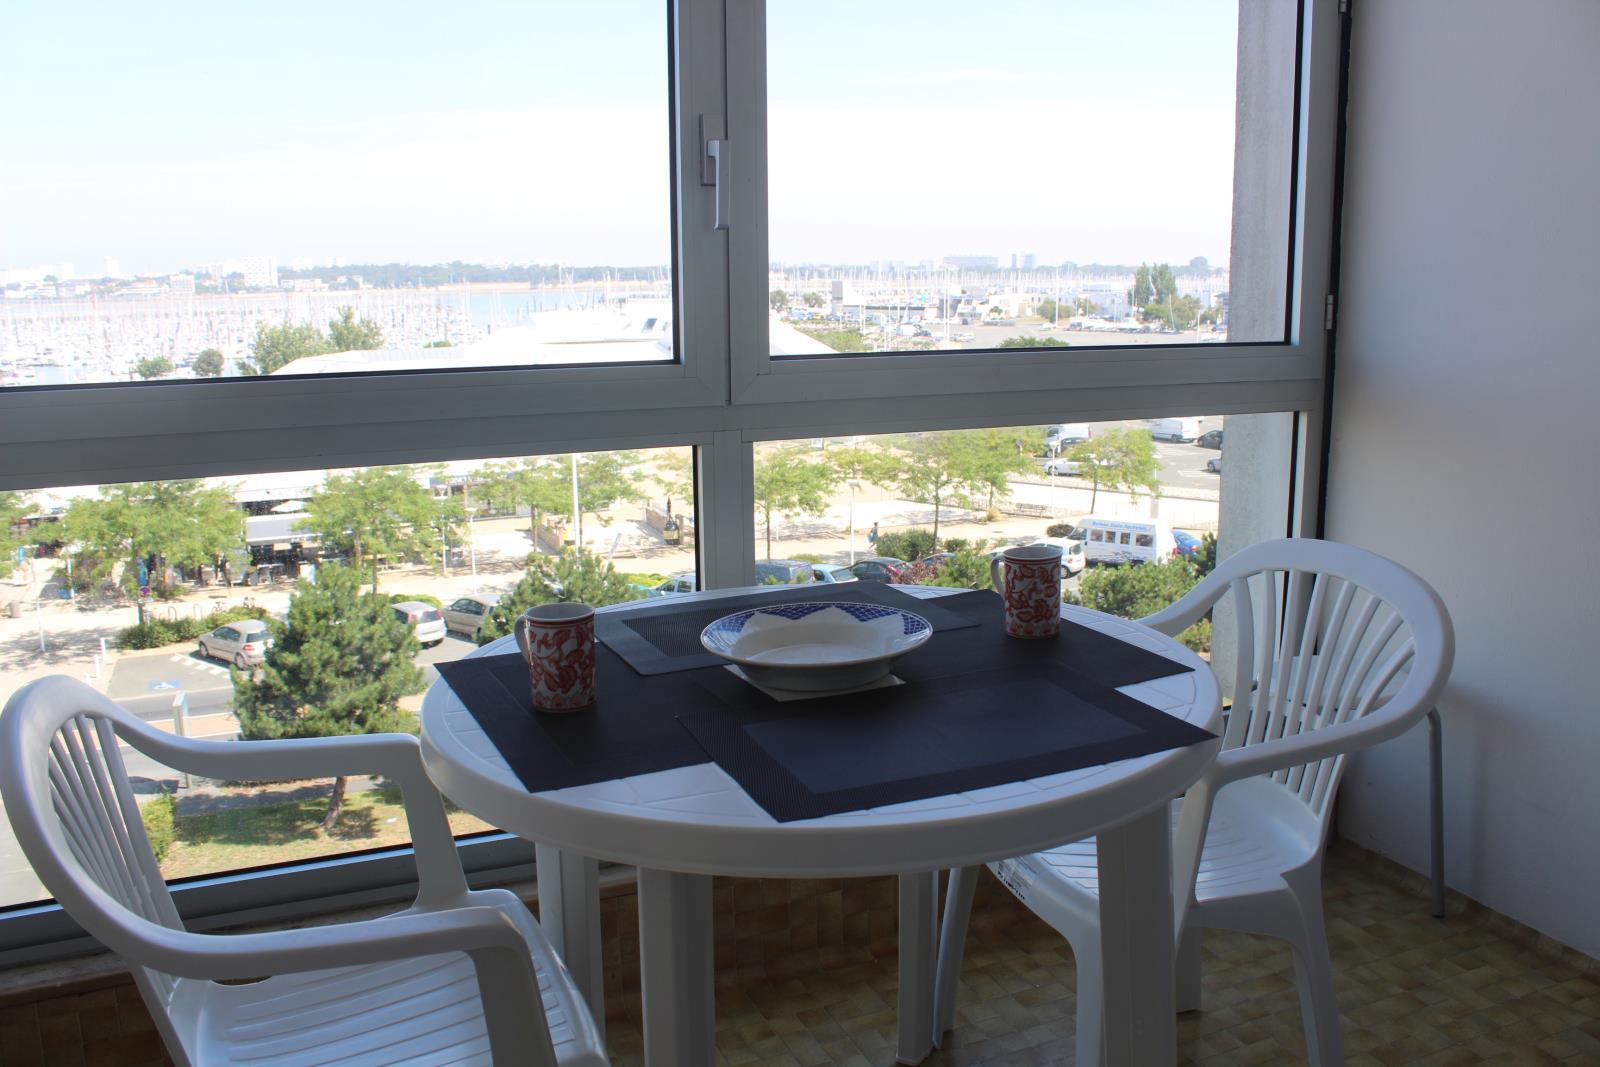 week end romantique poitou charentes r servez un court s jour romantique poitou charentes. Black Bedroom Furniture Sets. Home Design Ideas